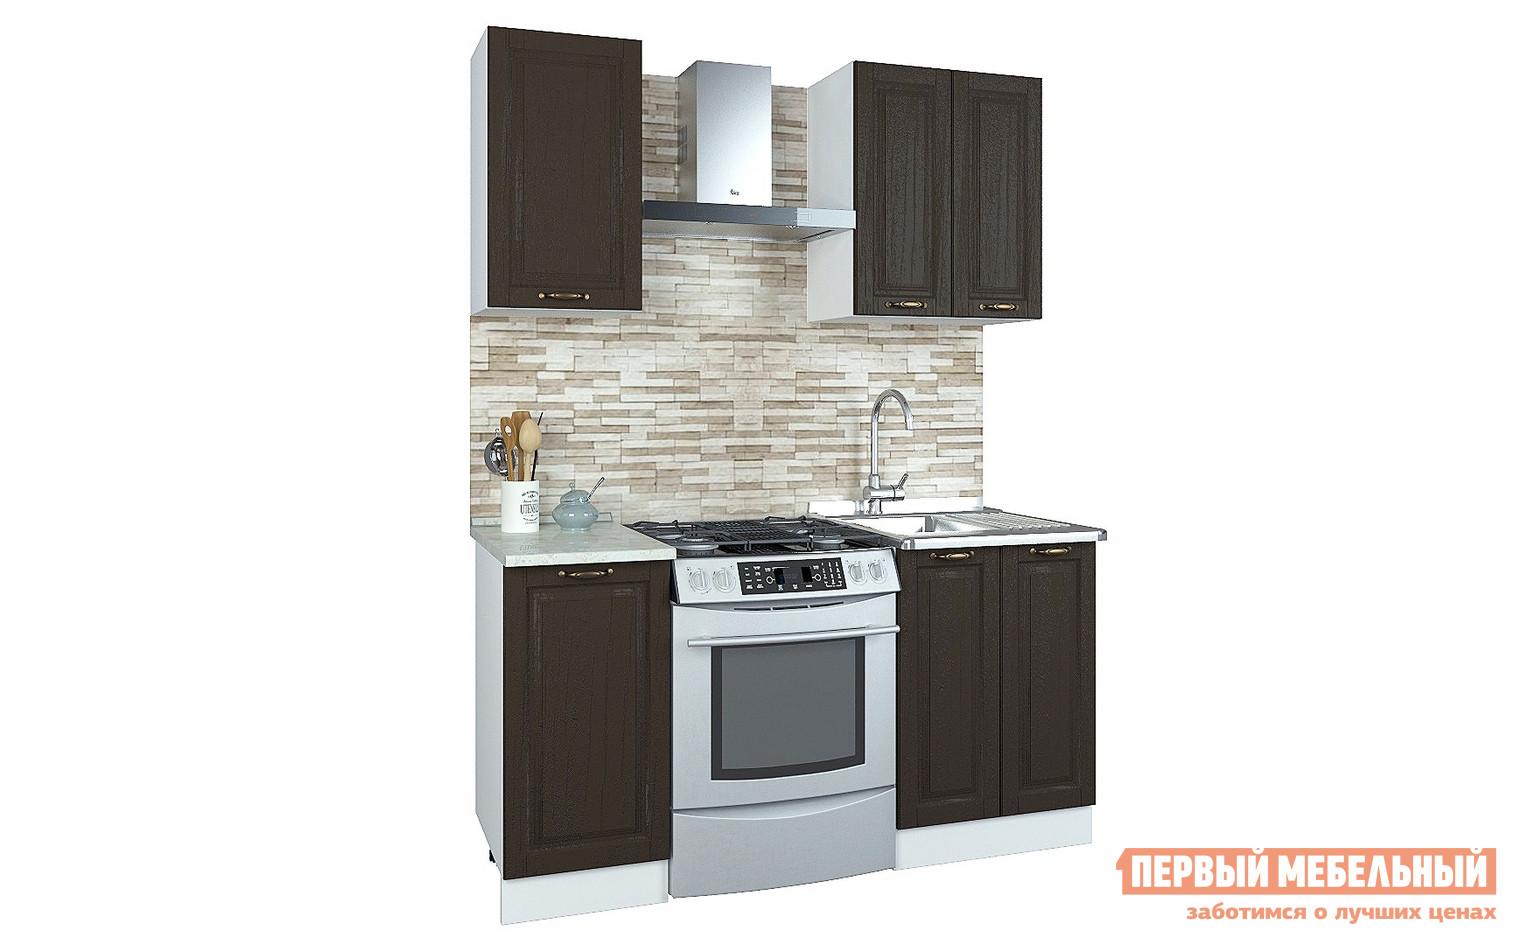 Прямой кухонный гарнитур Первый Мебельный Кухня Палермо 1 м кухонный гарнитур витра палермо 300 2